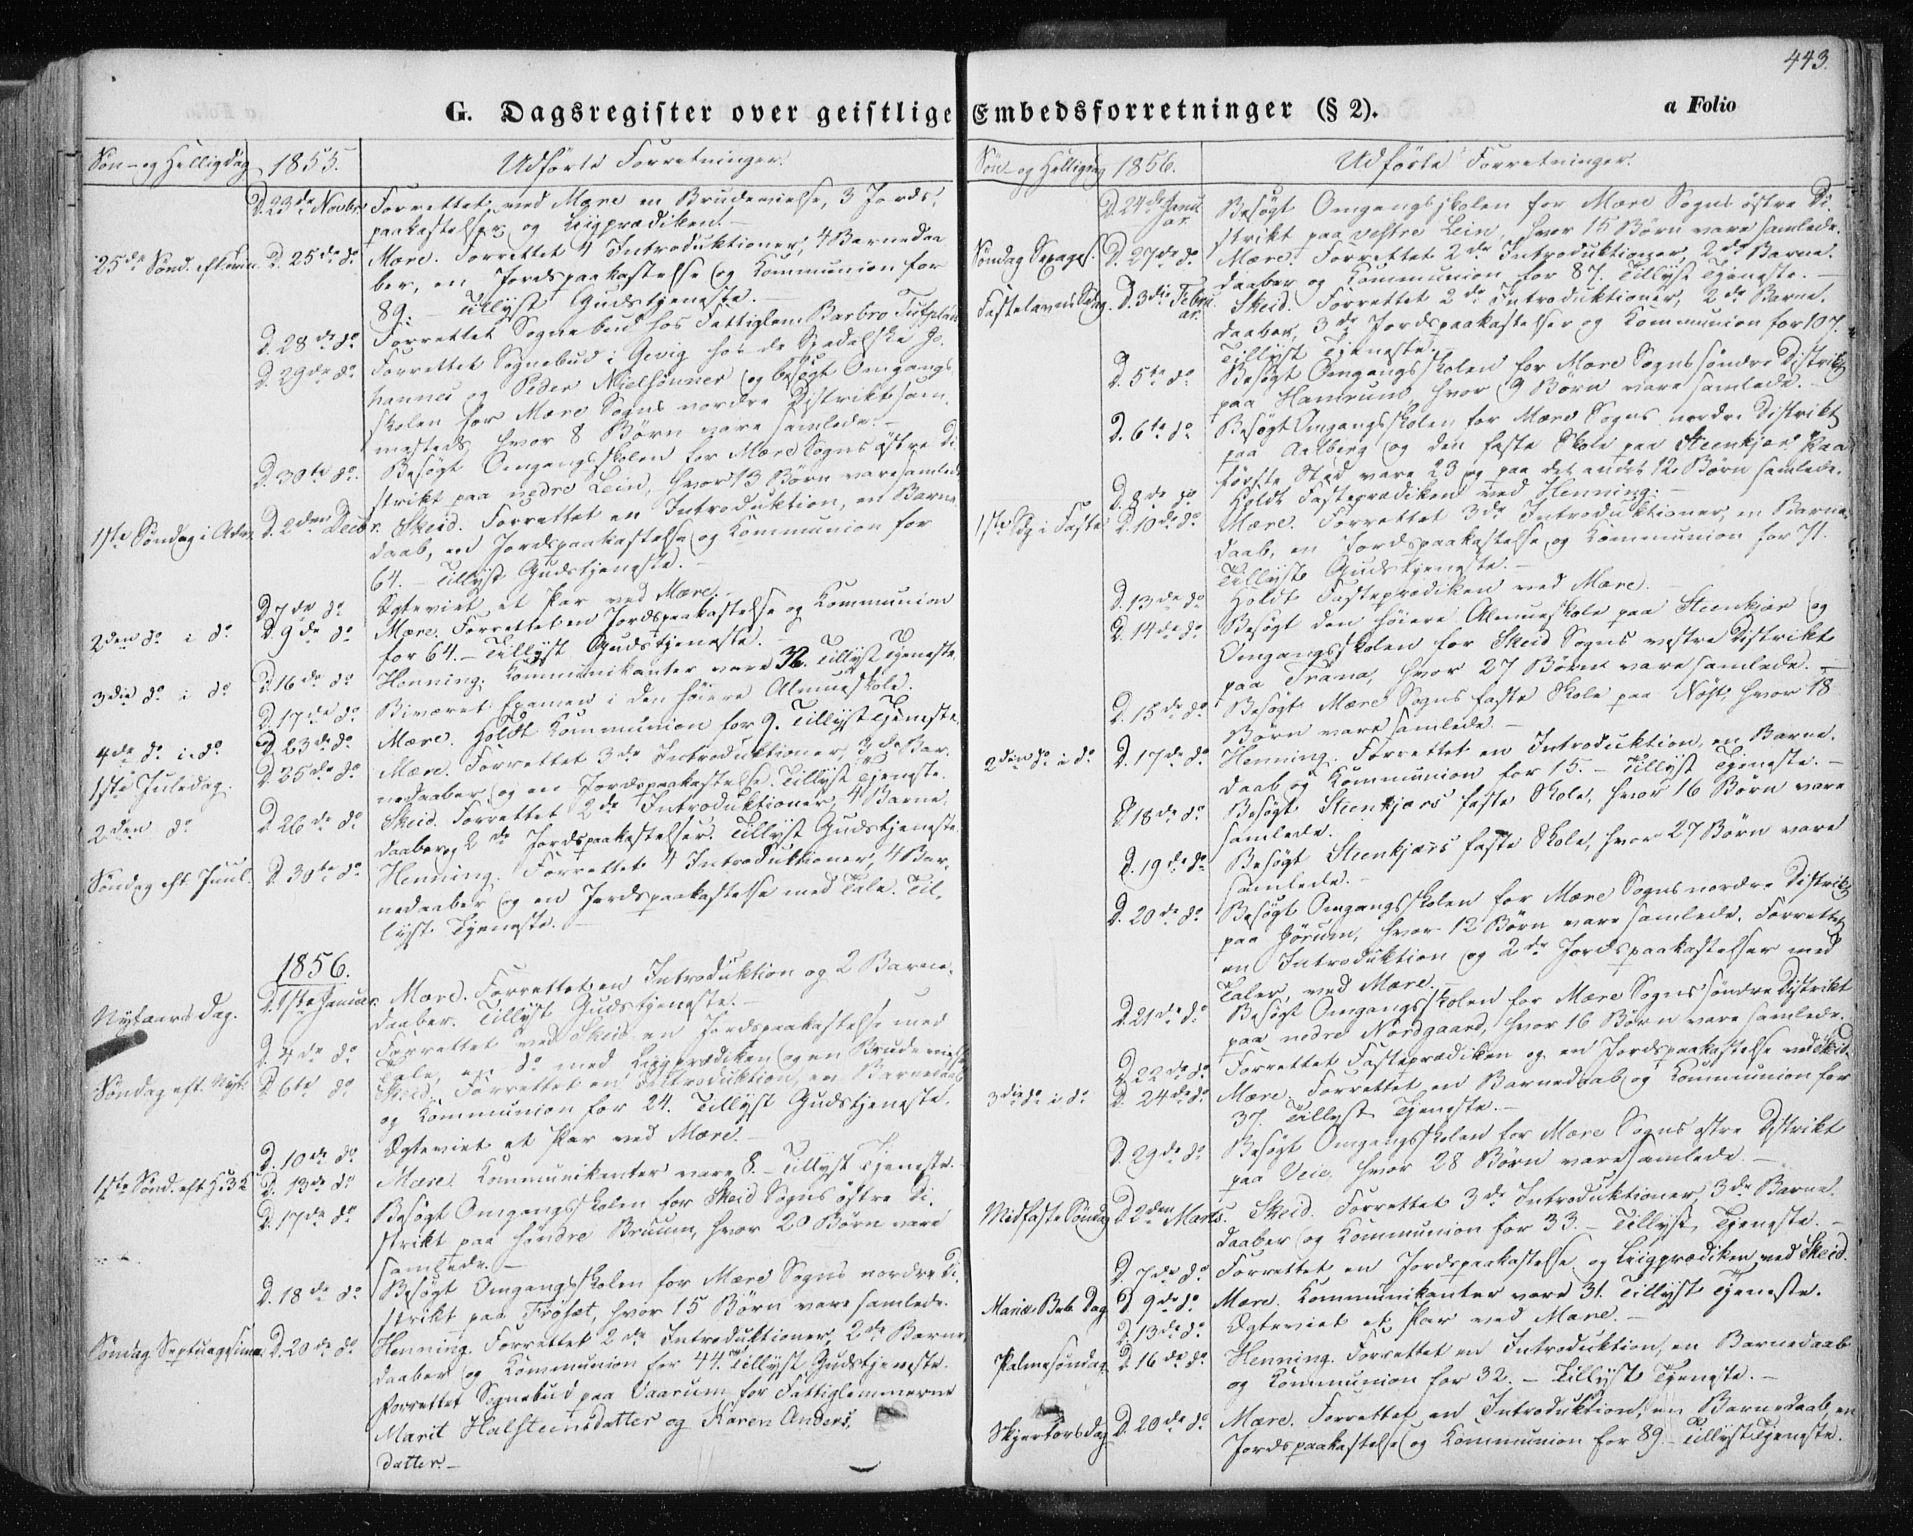 SAT, Ministerialprotokoller, klokkerbøker og fødselsregistre - Nord-Trøndelag, 735/L0342: Ministerialbok nr. 735A07 /1, 1849-1862, s. 443